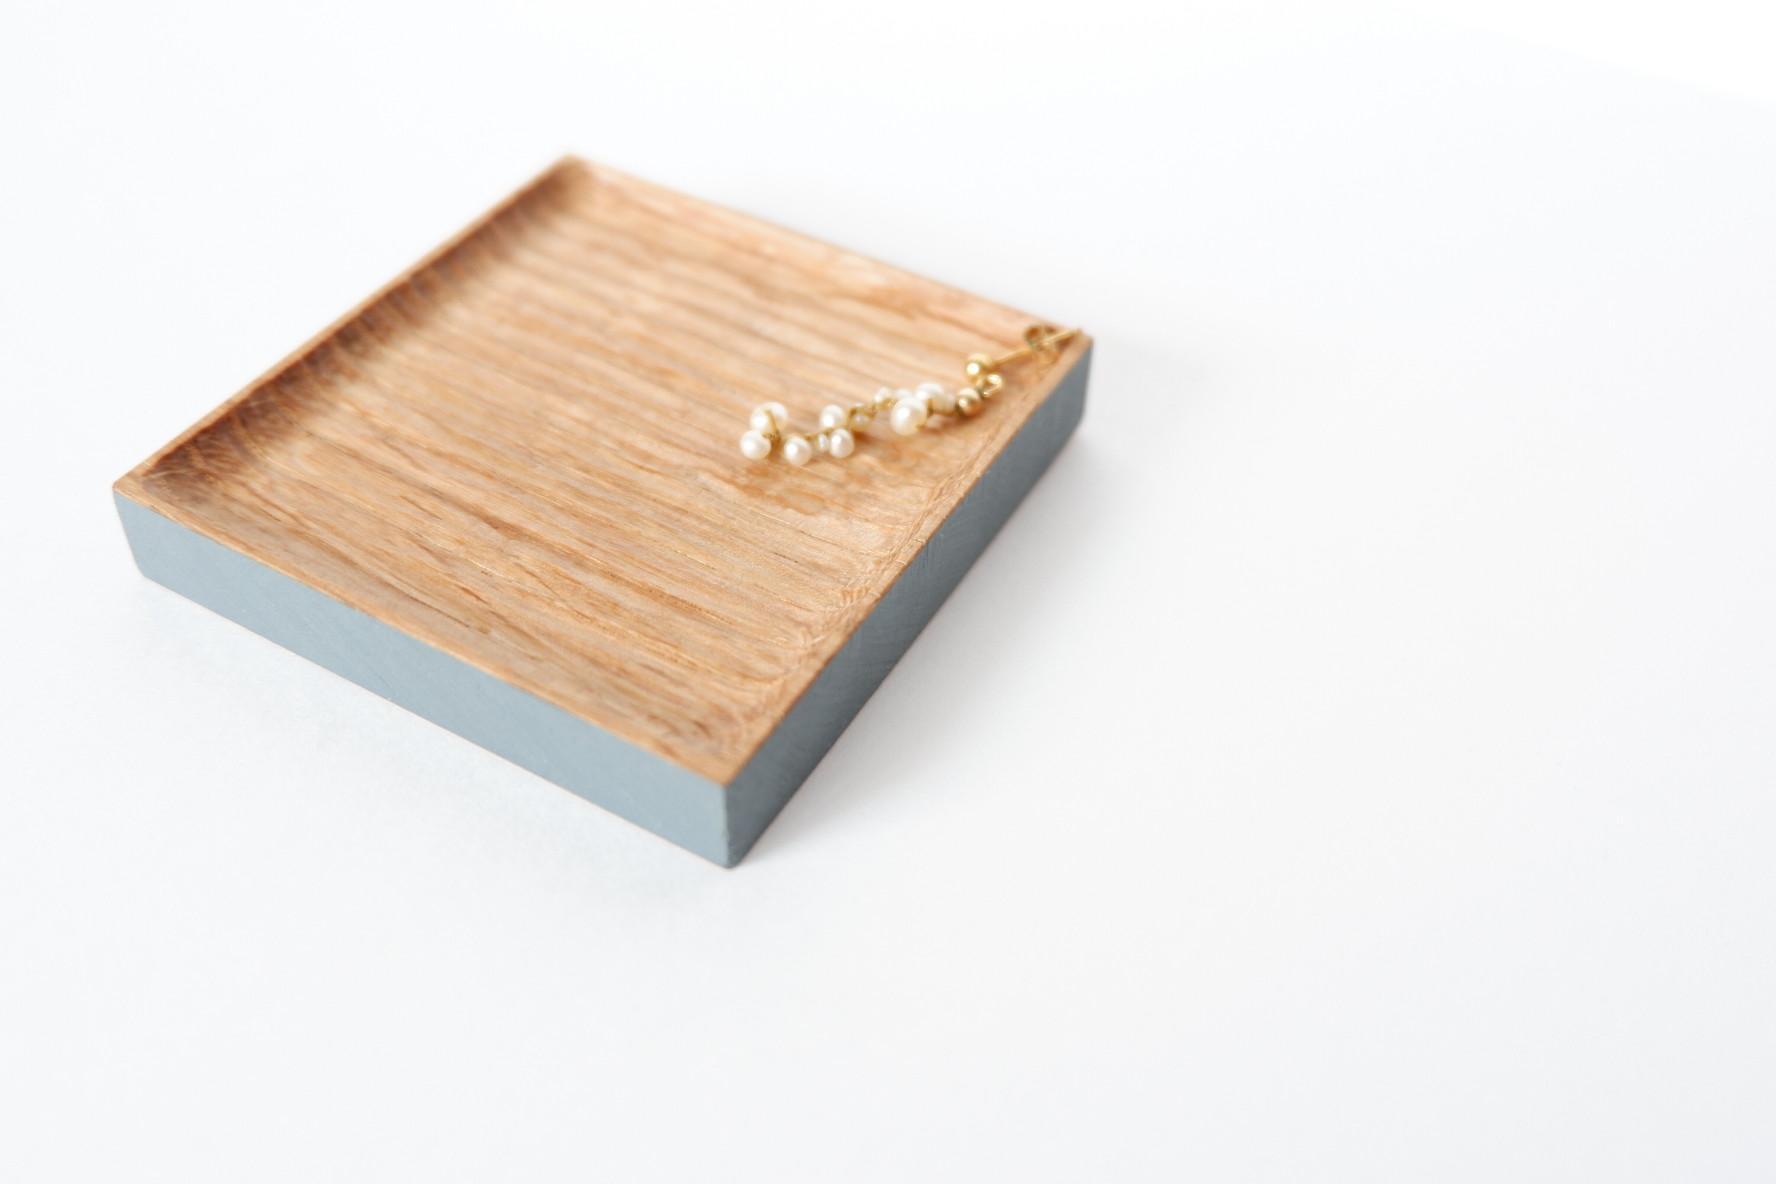 アクセサリートレイ 手作り 簡単